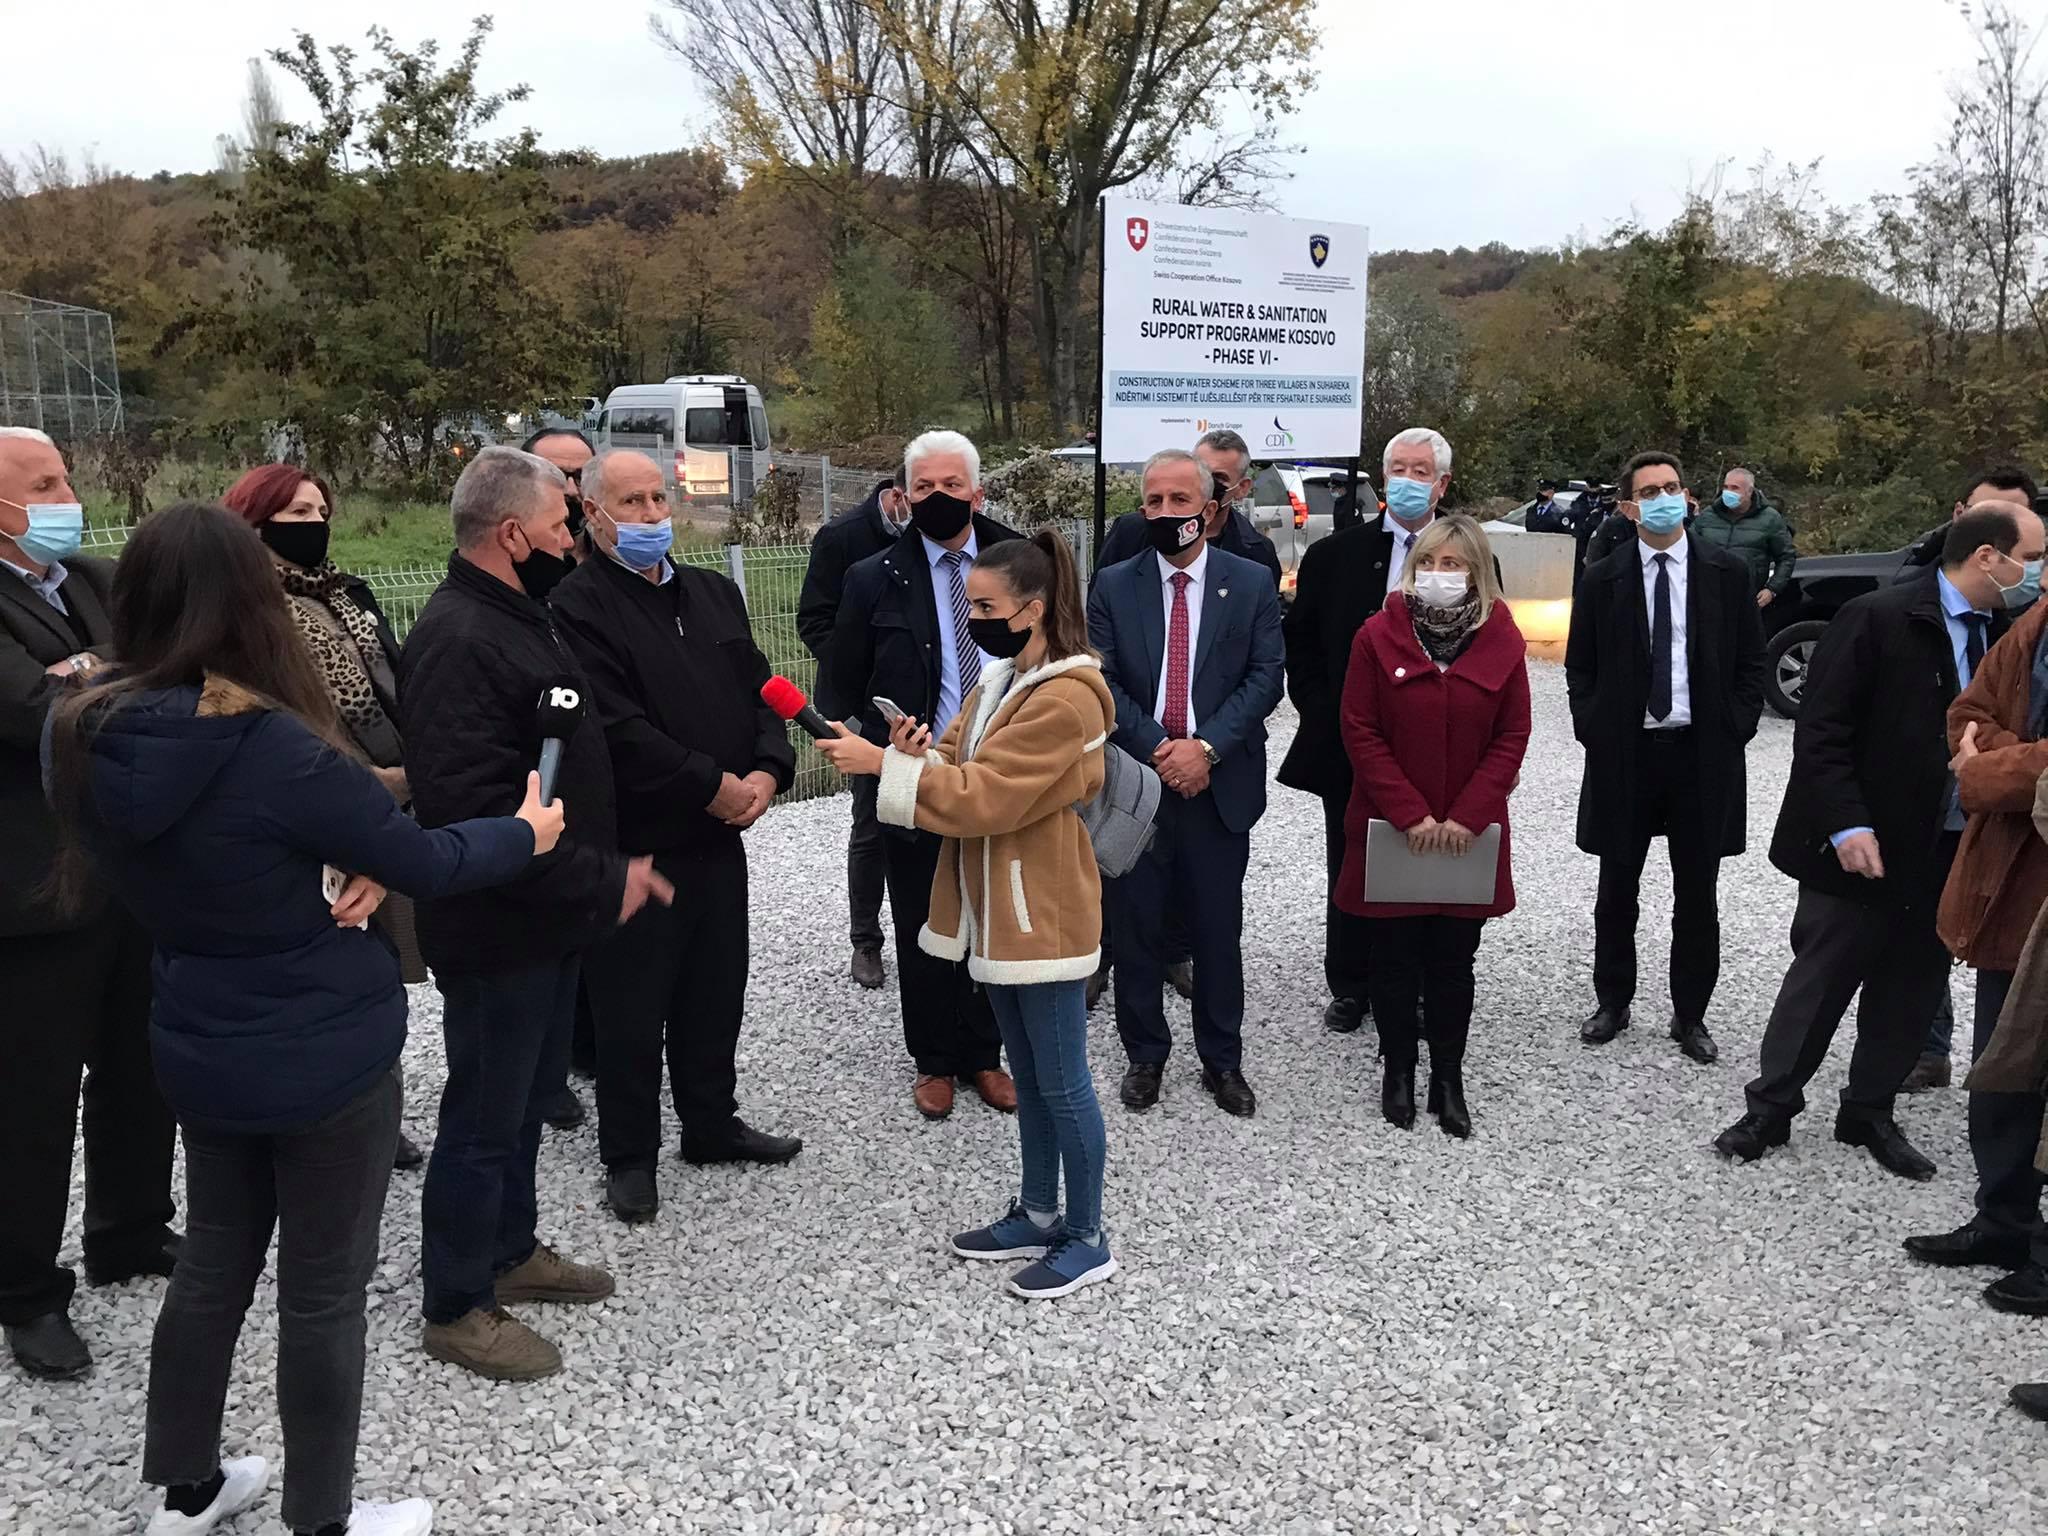 Delegacioni nga Zvicera, ka vizituar punimet në rregullimin e ujësjellësit në Reçan